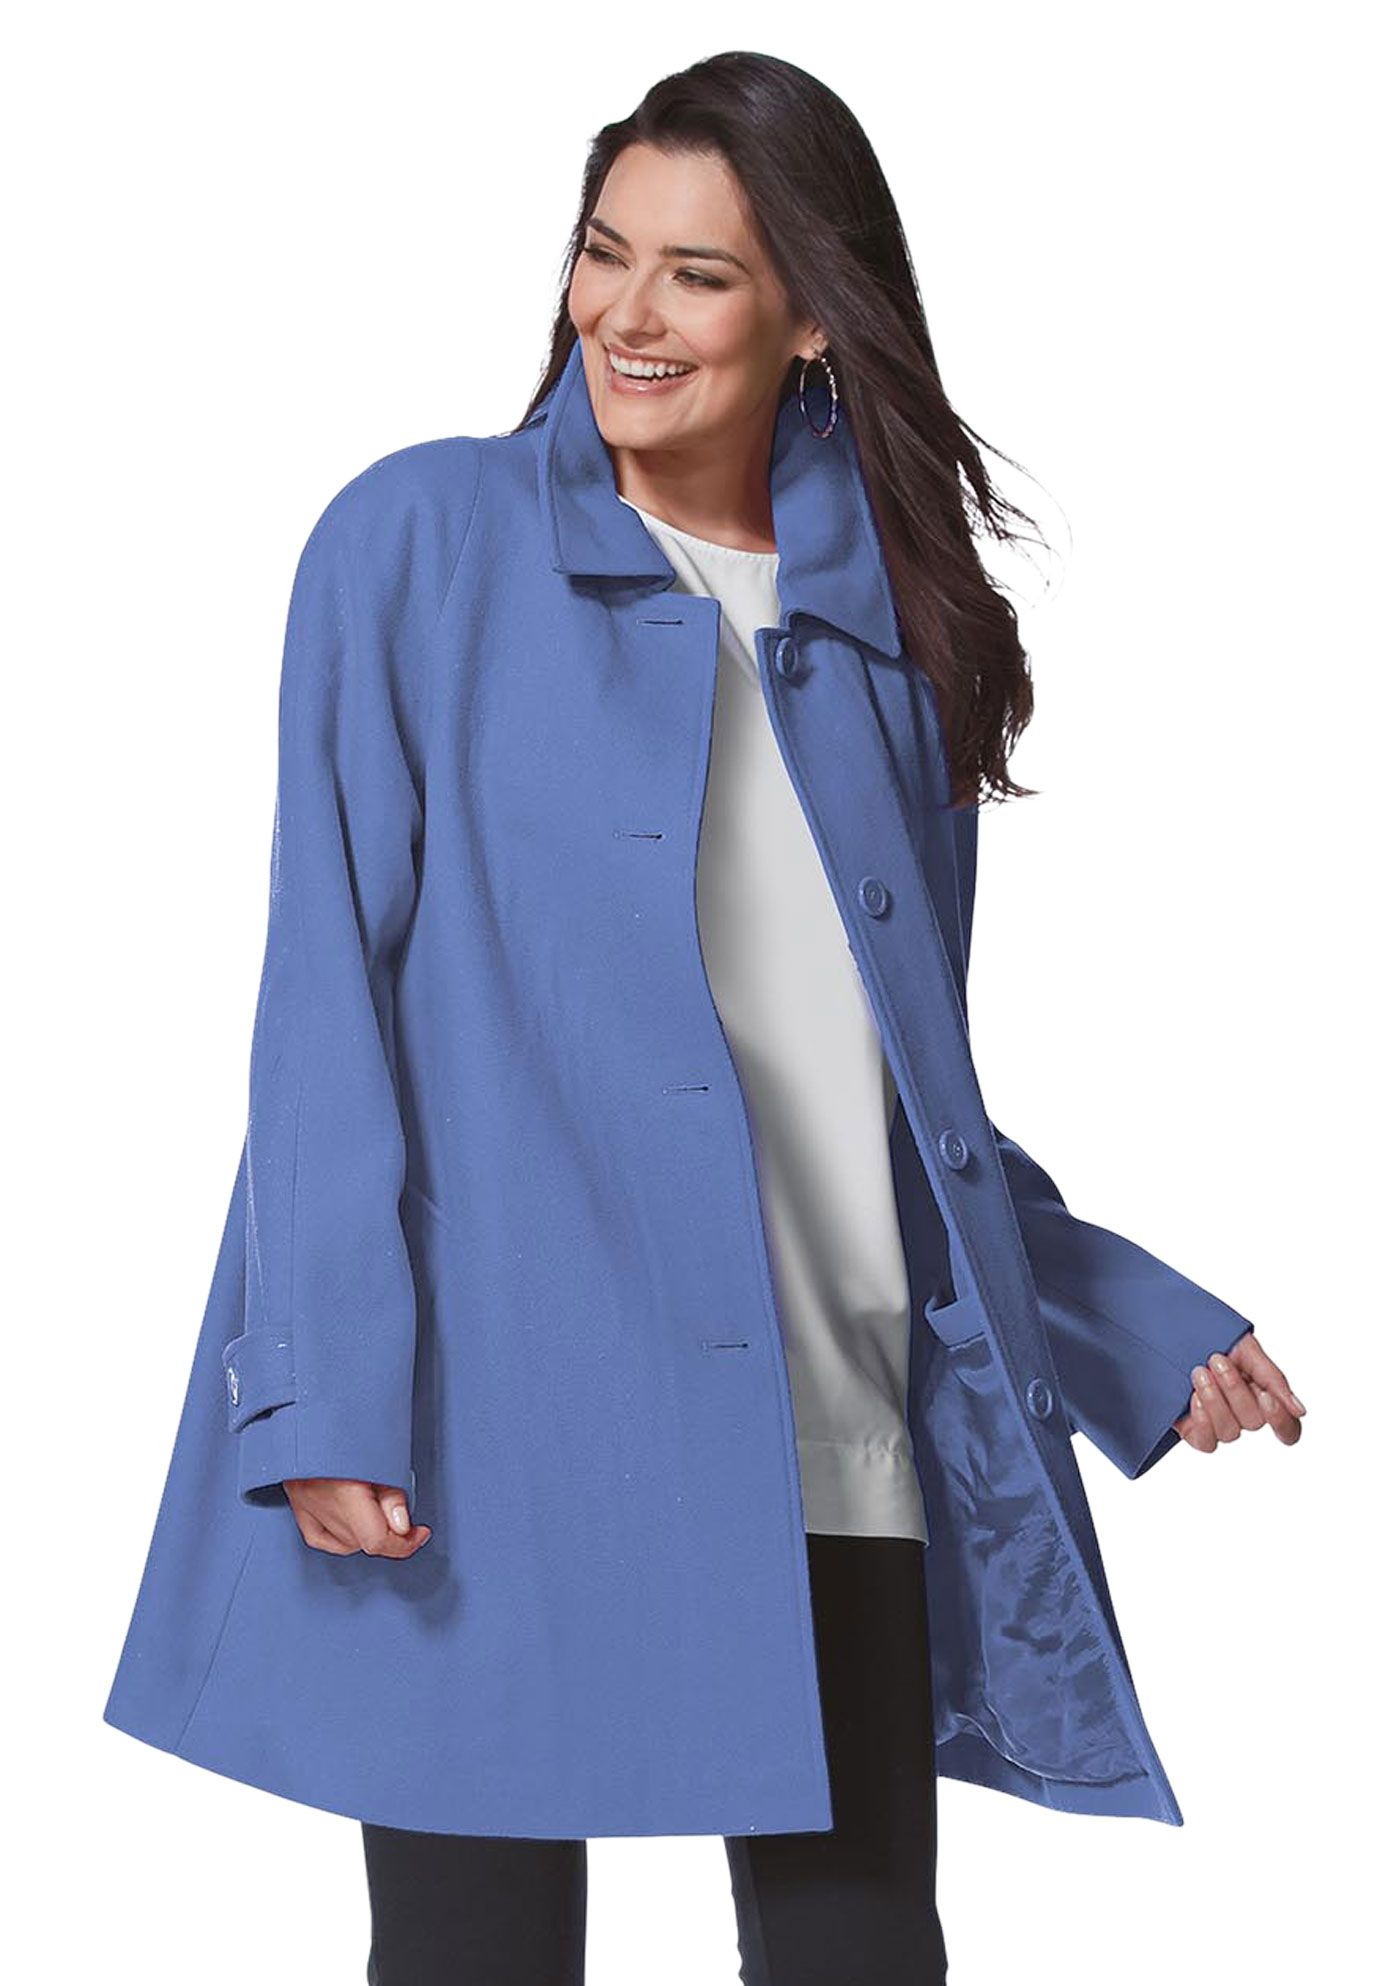 Coat A Line In Wool Blend Plus Size Plus Size Coats Clothes [ 1986 x 1380 Pixel ]